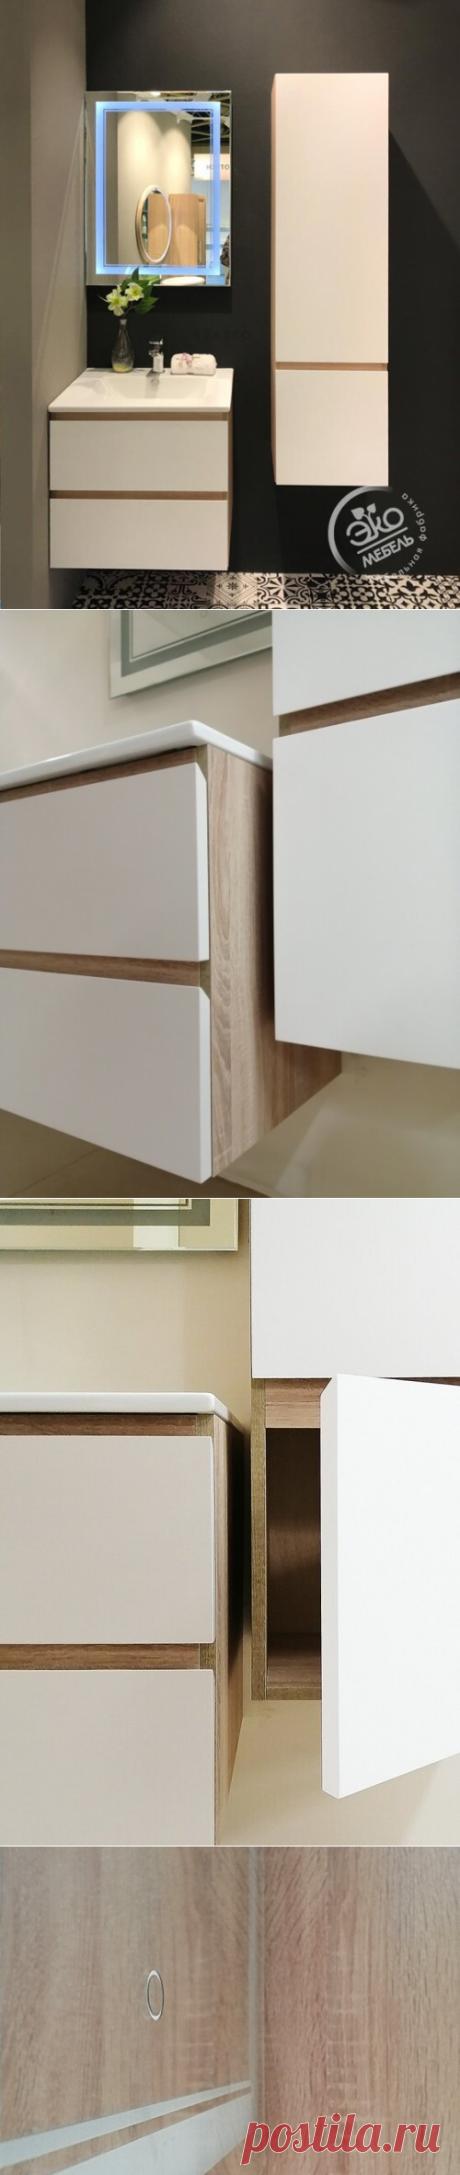 3 плюса в пользу мебели из МДФ для ванной